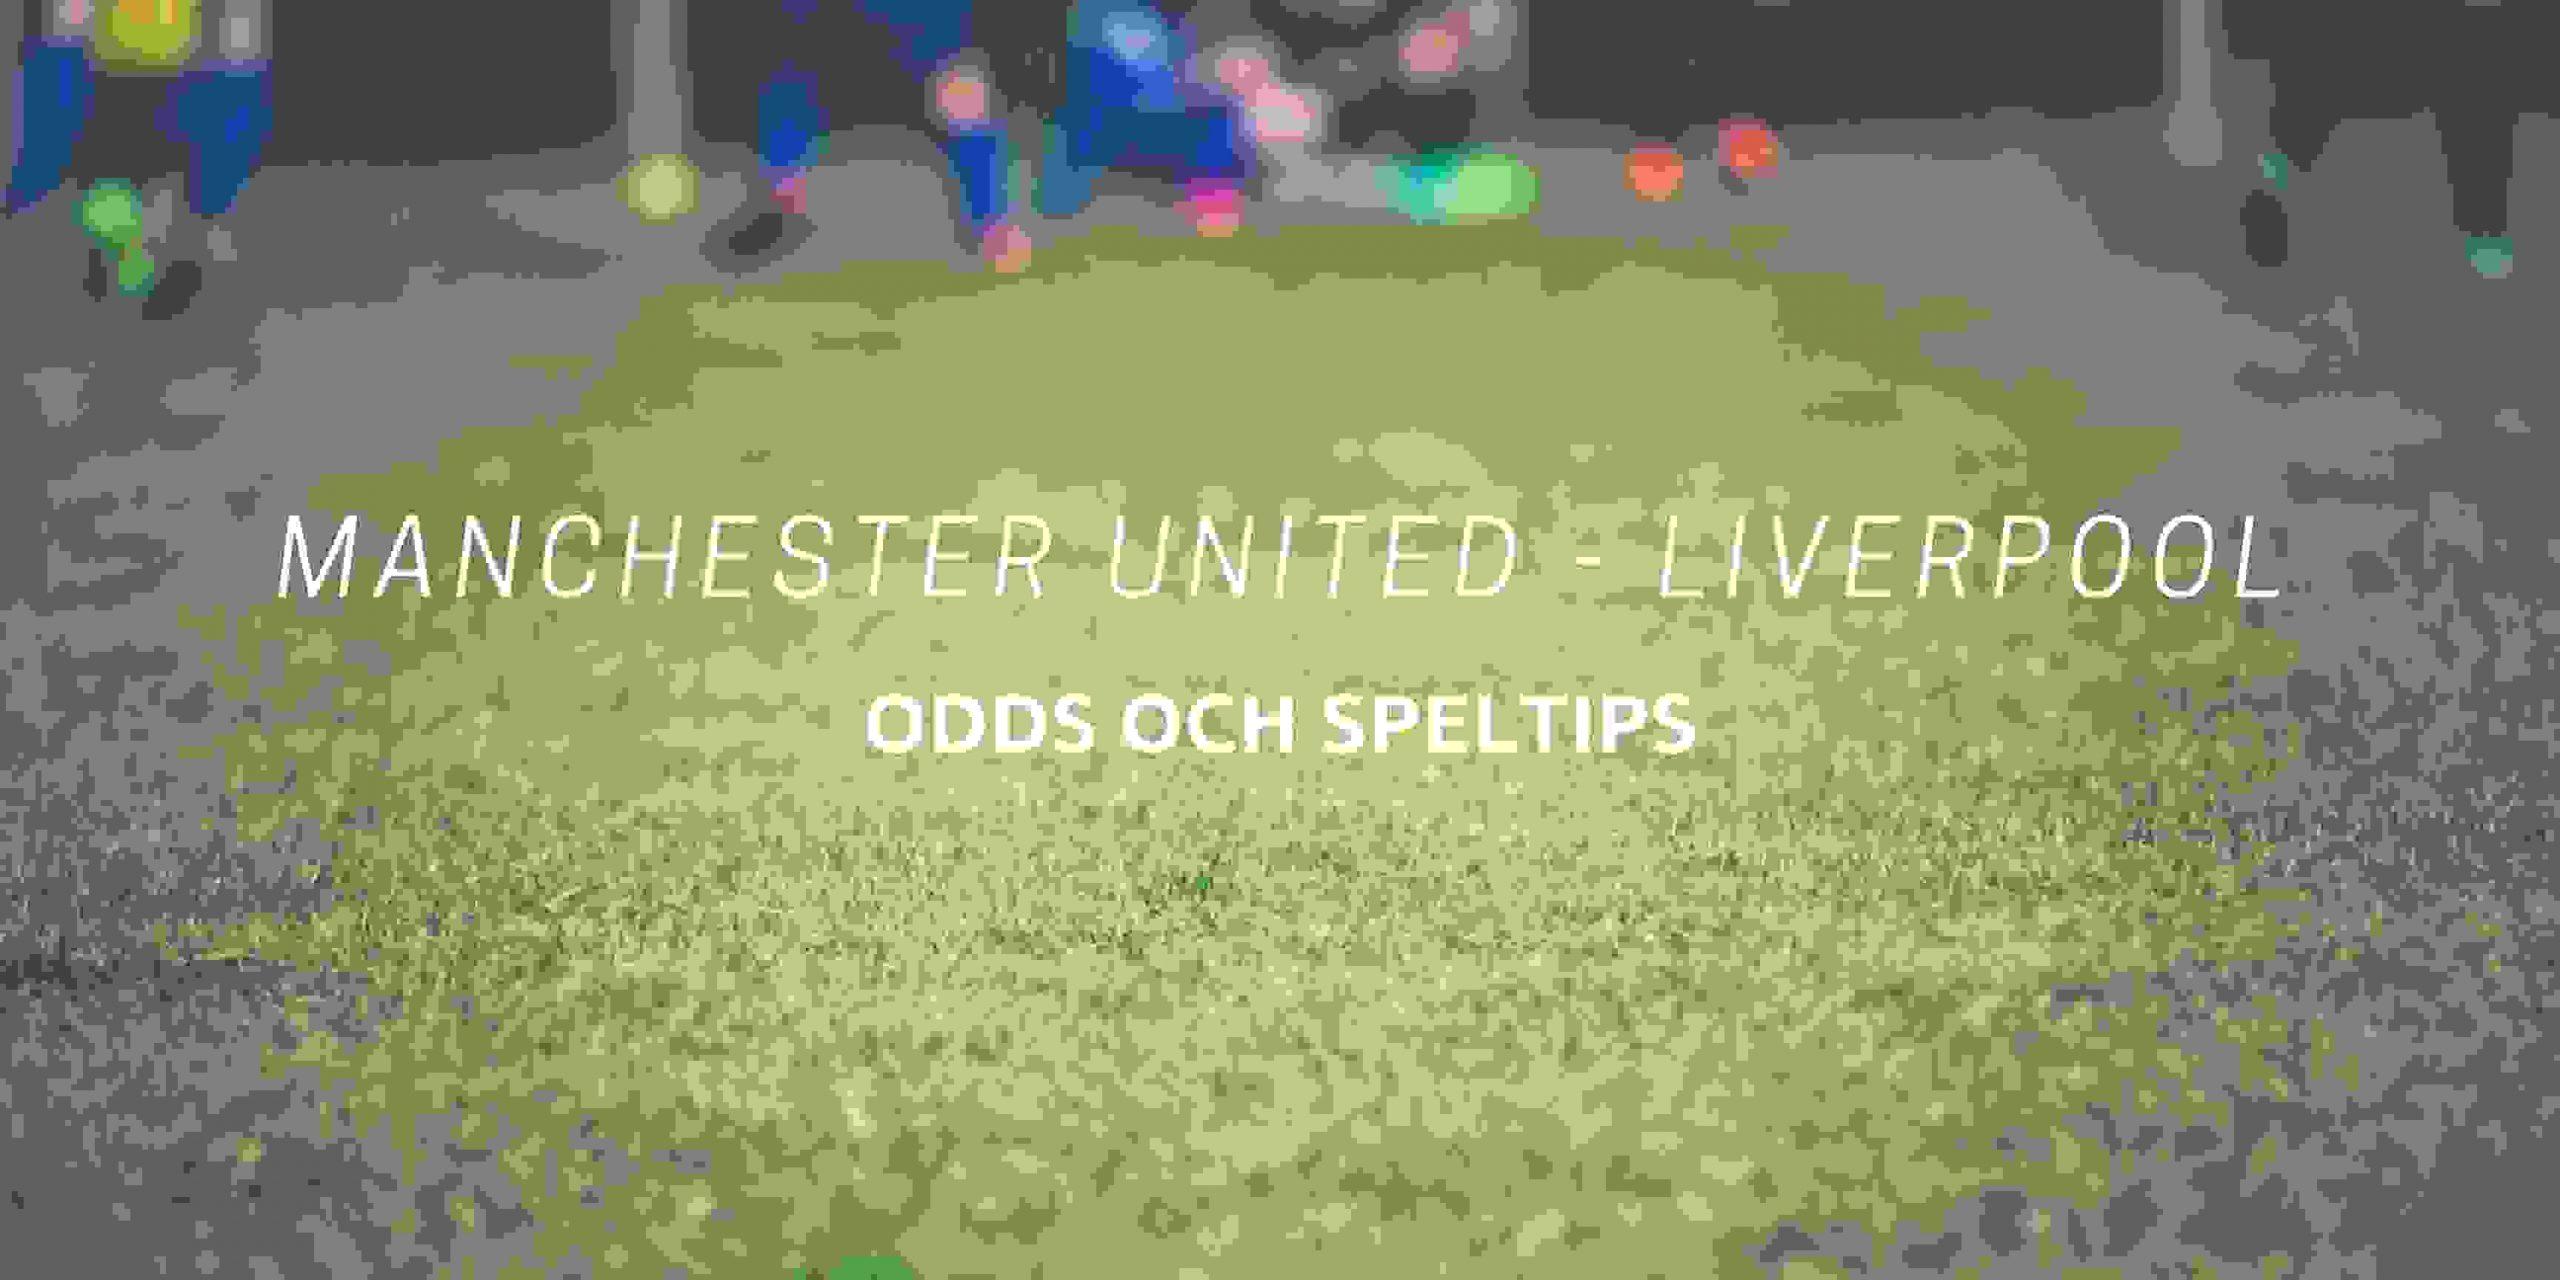 Manchester United - Liverpool odds och speltips